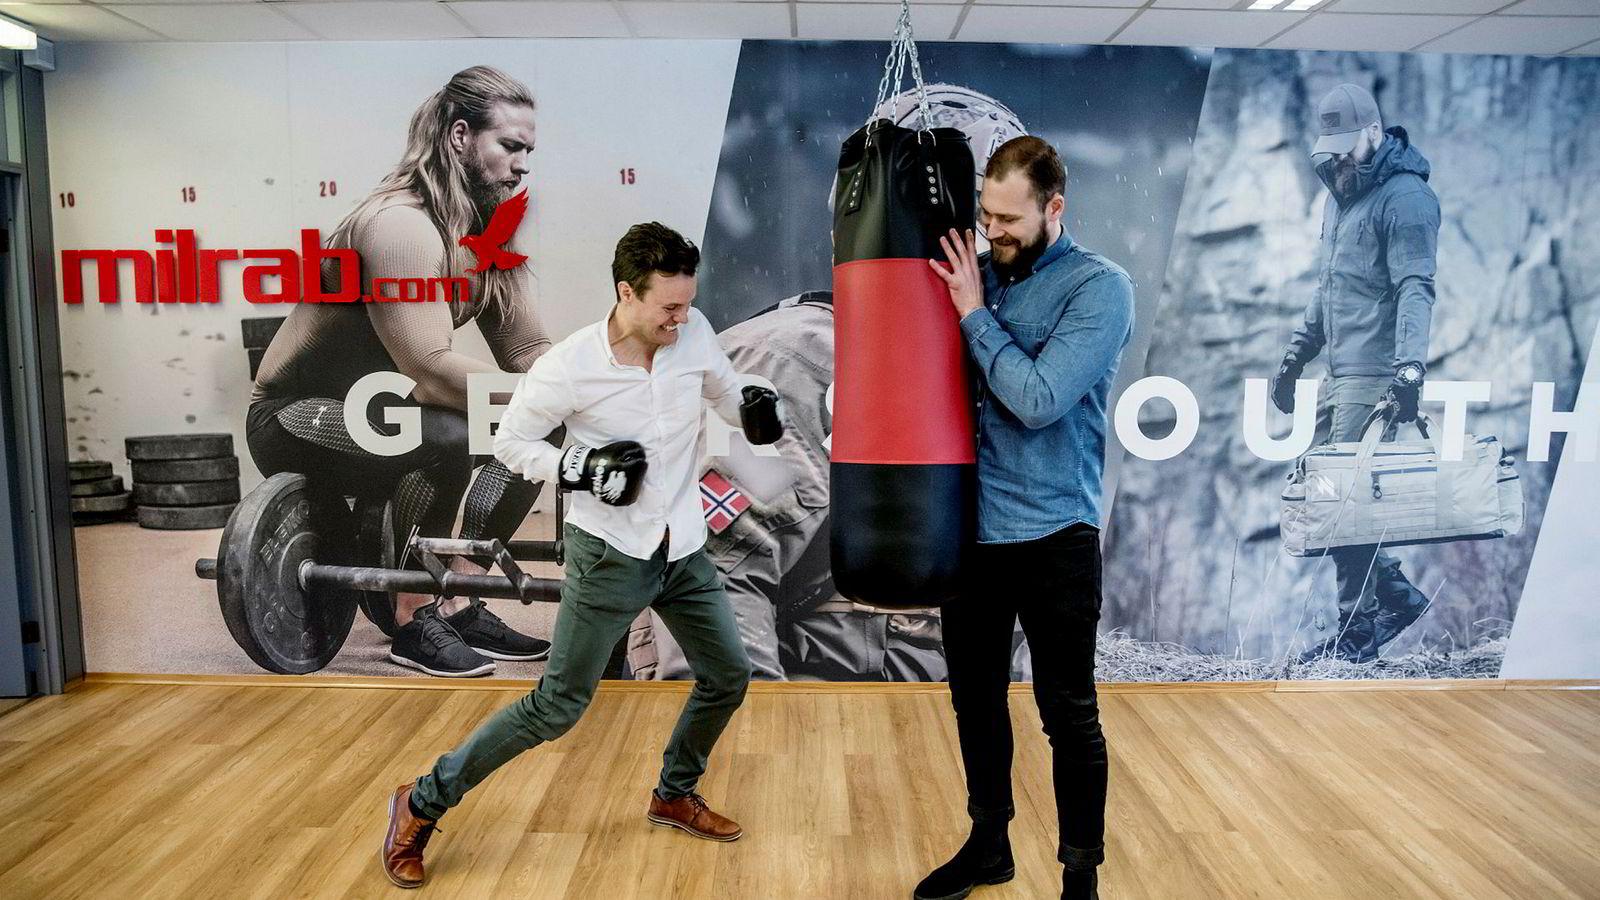 – I fjor hadde vi en omsetningsvekst på 50 prosent, sier gründer Finn Magnus Flesland Torall (til venstre) i netthandelsbutikken Milrab. Til høyre daglig leder Lars Andreas Grønningsæter Aglen.